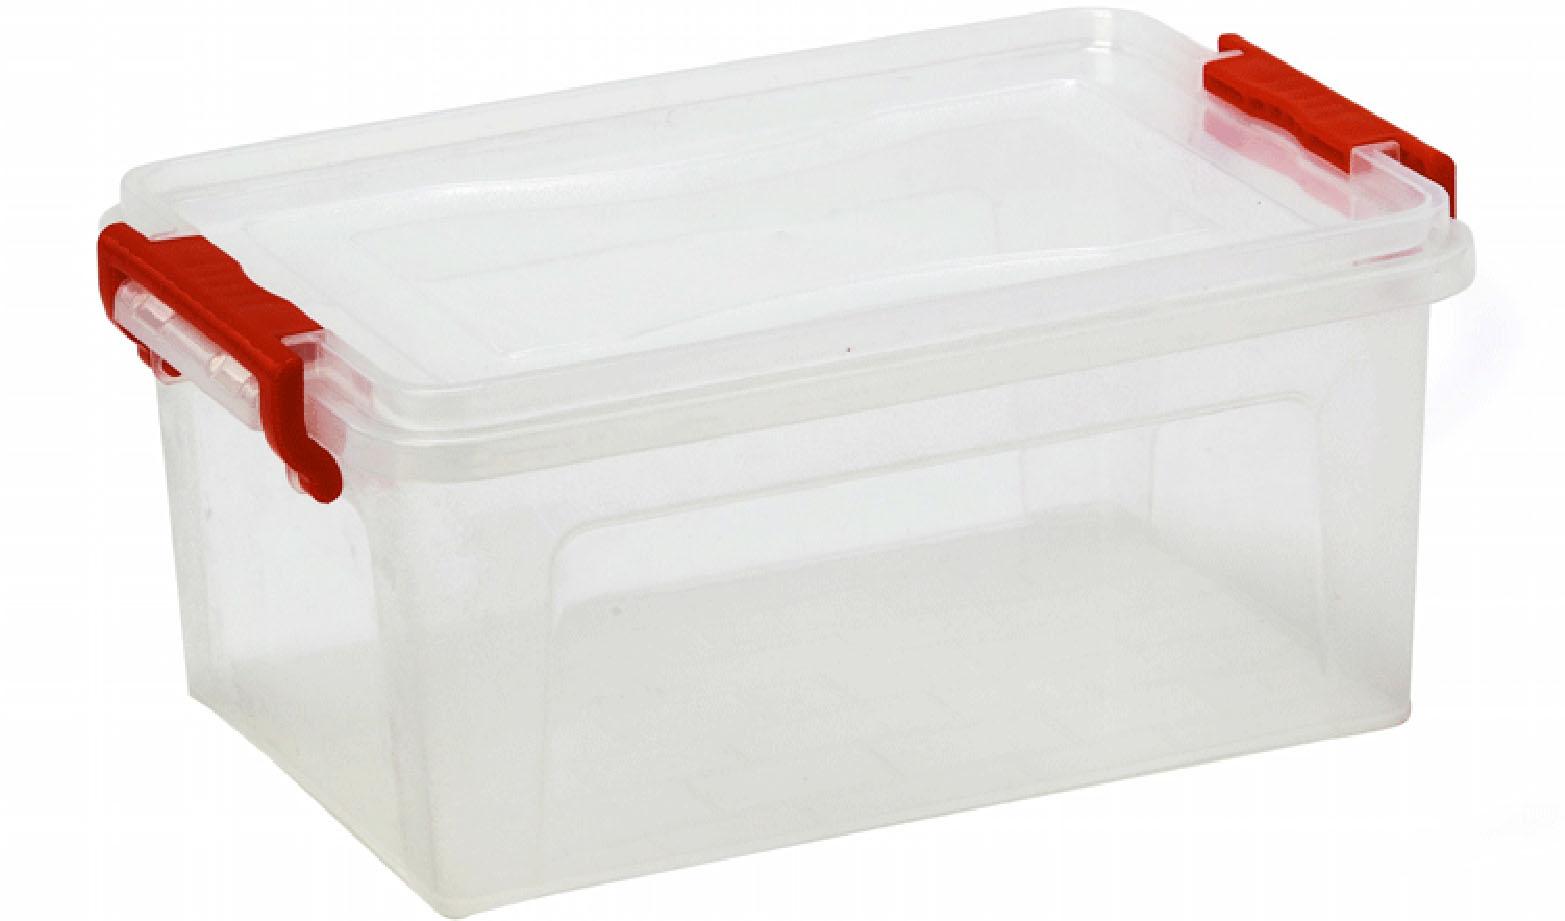 Контейнер для хранения Idea, цвет: прозрачный, 5,3 лRG-D31SКонтейнер для хранения Idea выполнен из высококачественного пластика. Контейнер снабжен двумя фиксаторами по бокам, придающими дополнительную надежность закрывания крышки. Вместительный контейнер позволит сохранить различные нужные вещи в порядке, а герметичная крышка предотвратит случайное открывание, защитит содержимое от пыли и грязи.